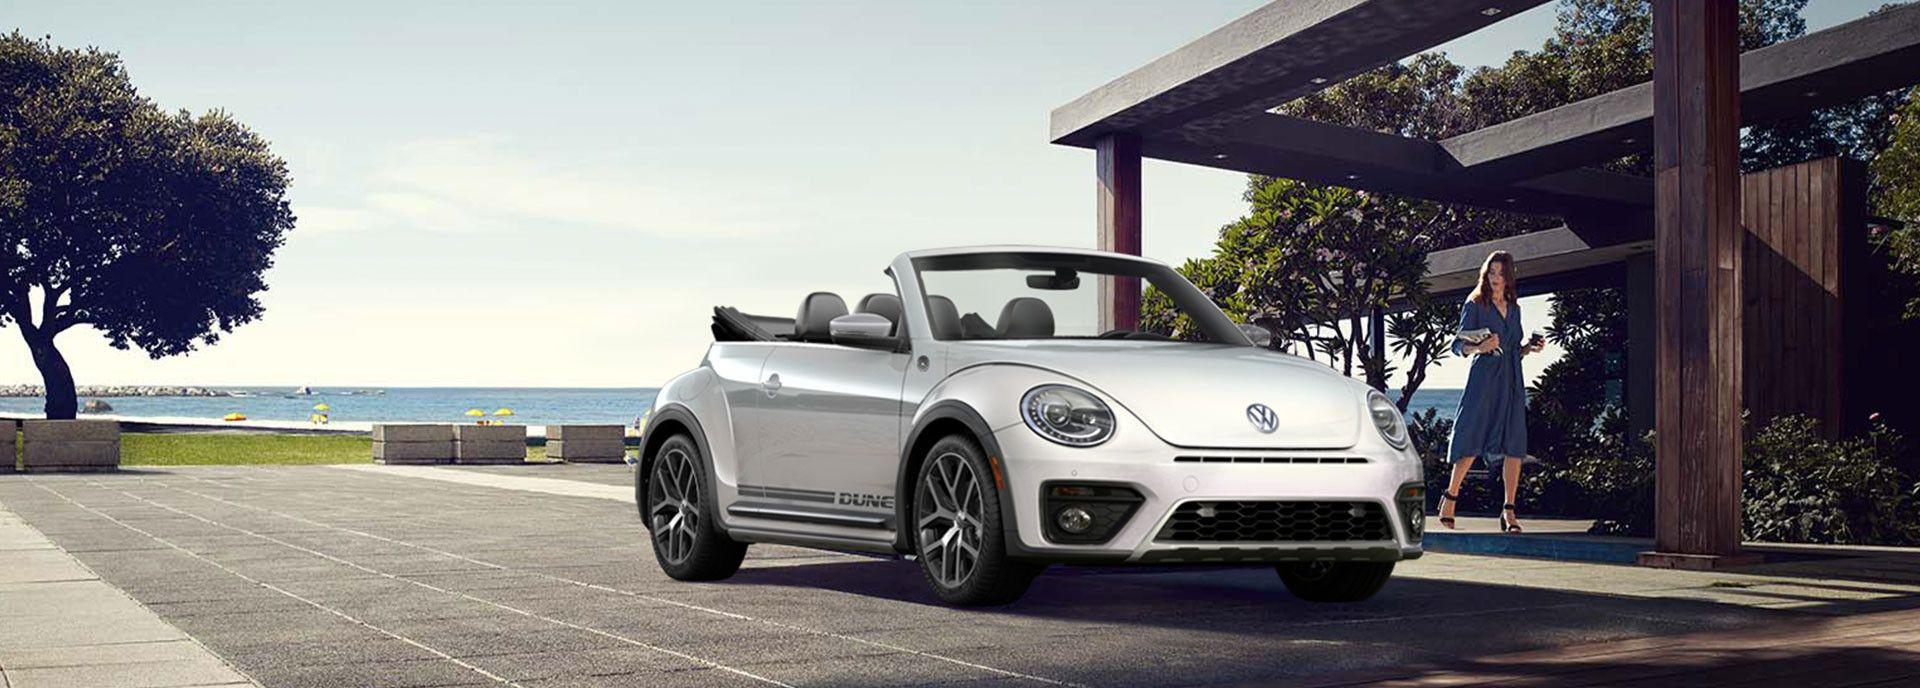 2019 Vw Beetle Dune   Volkswagen beetle, Volkswagen, Vw ...